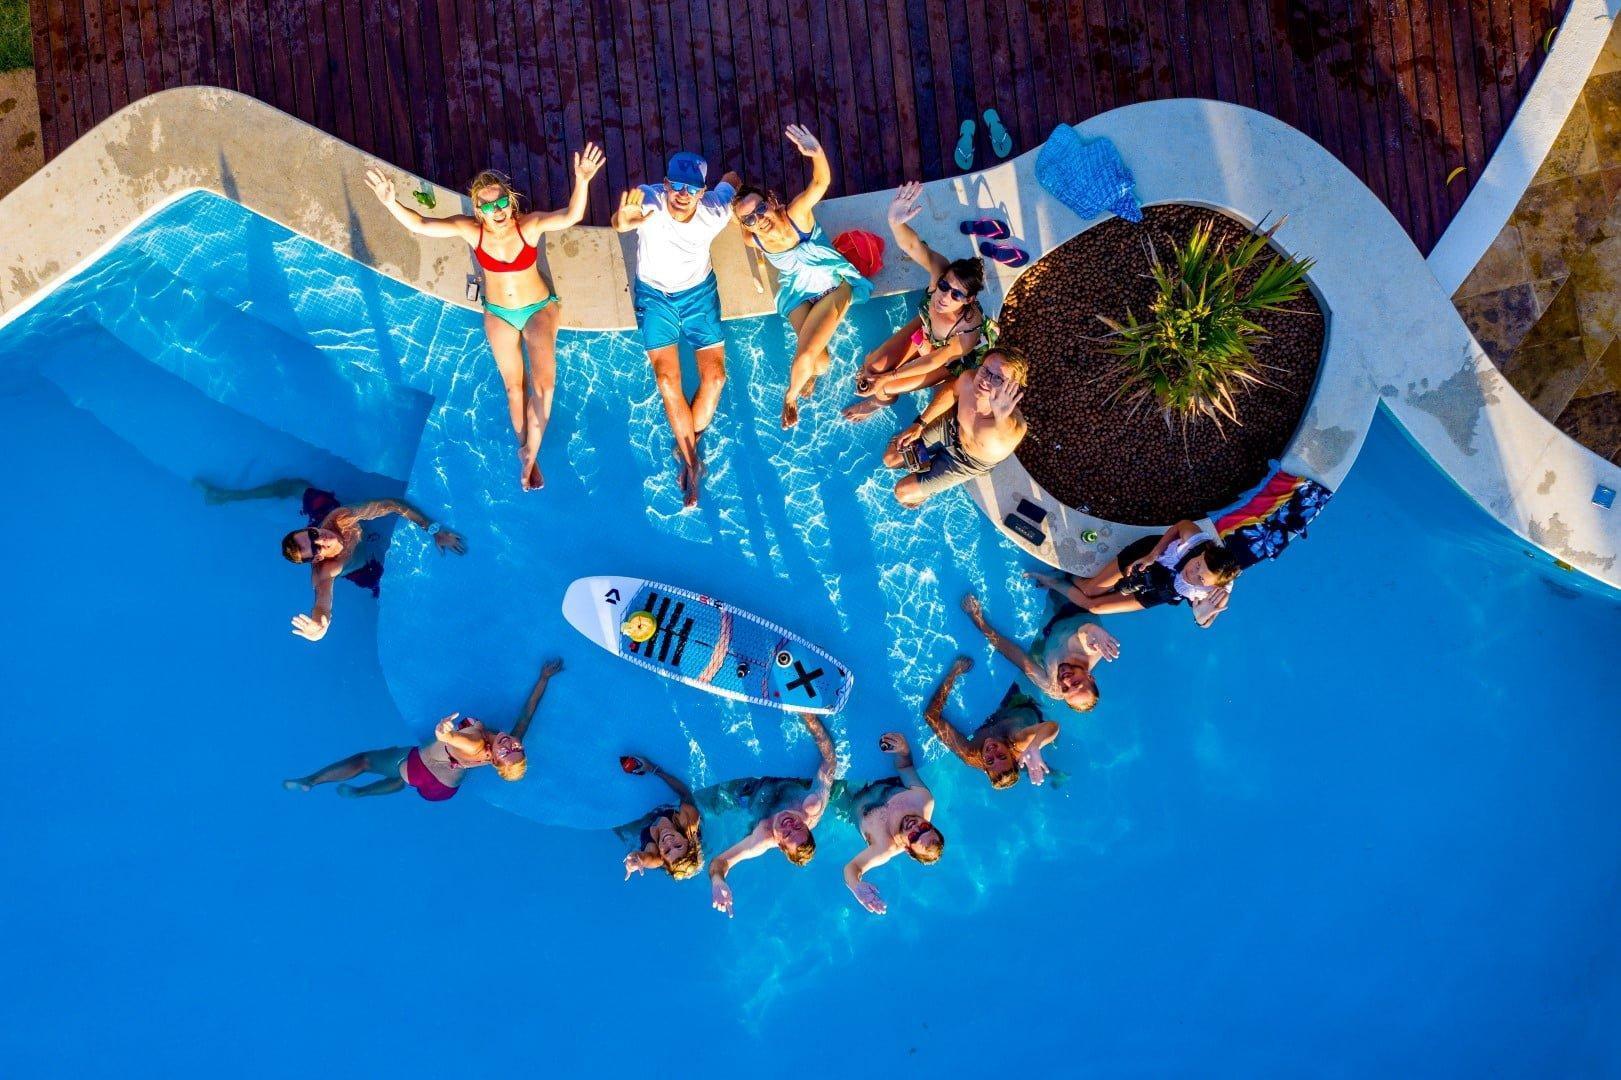 Pool party v Jericoacoari